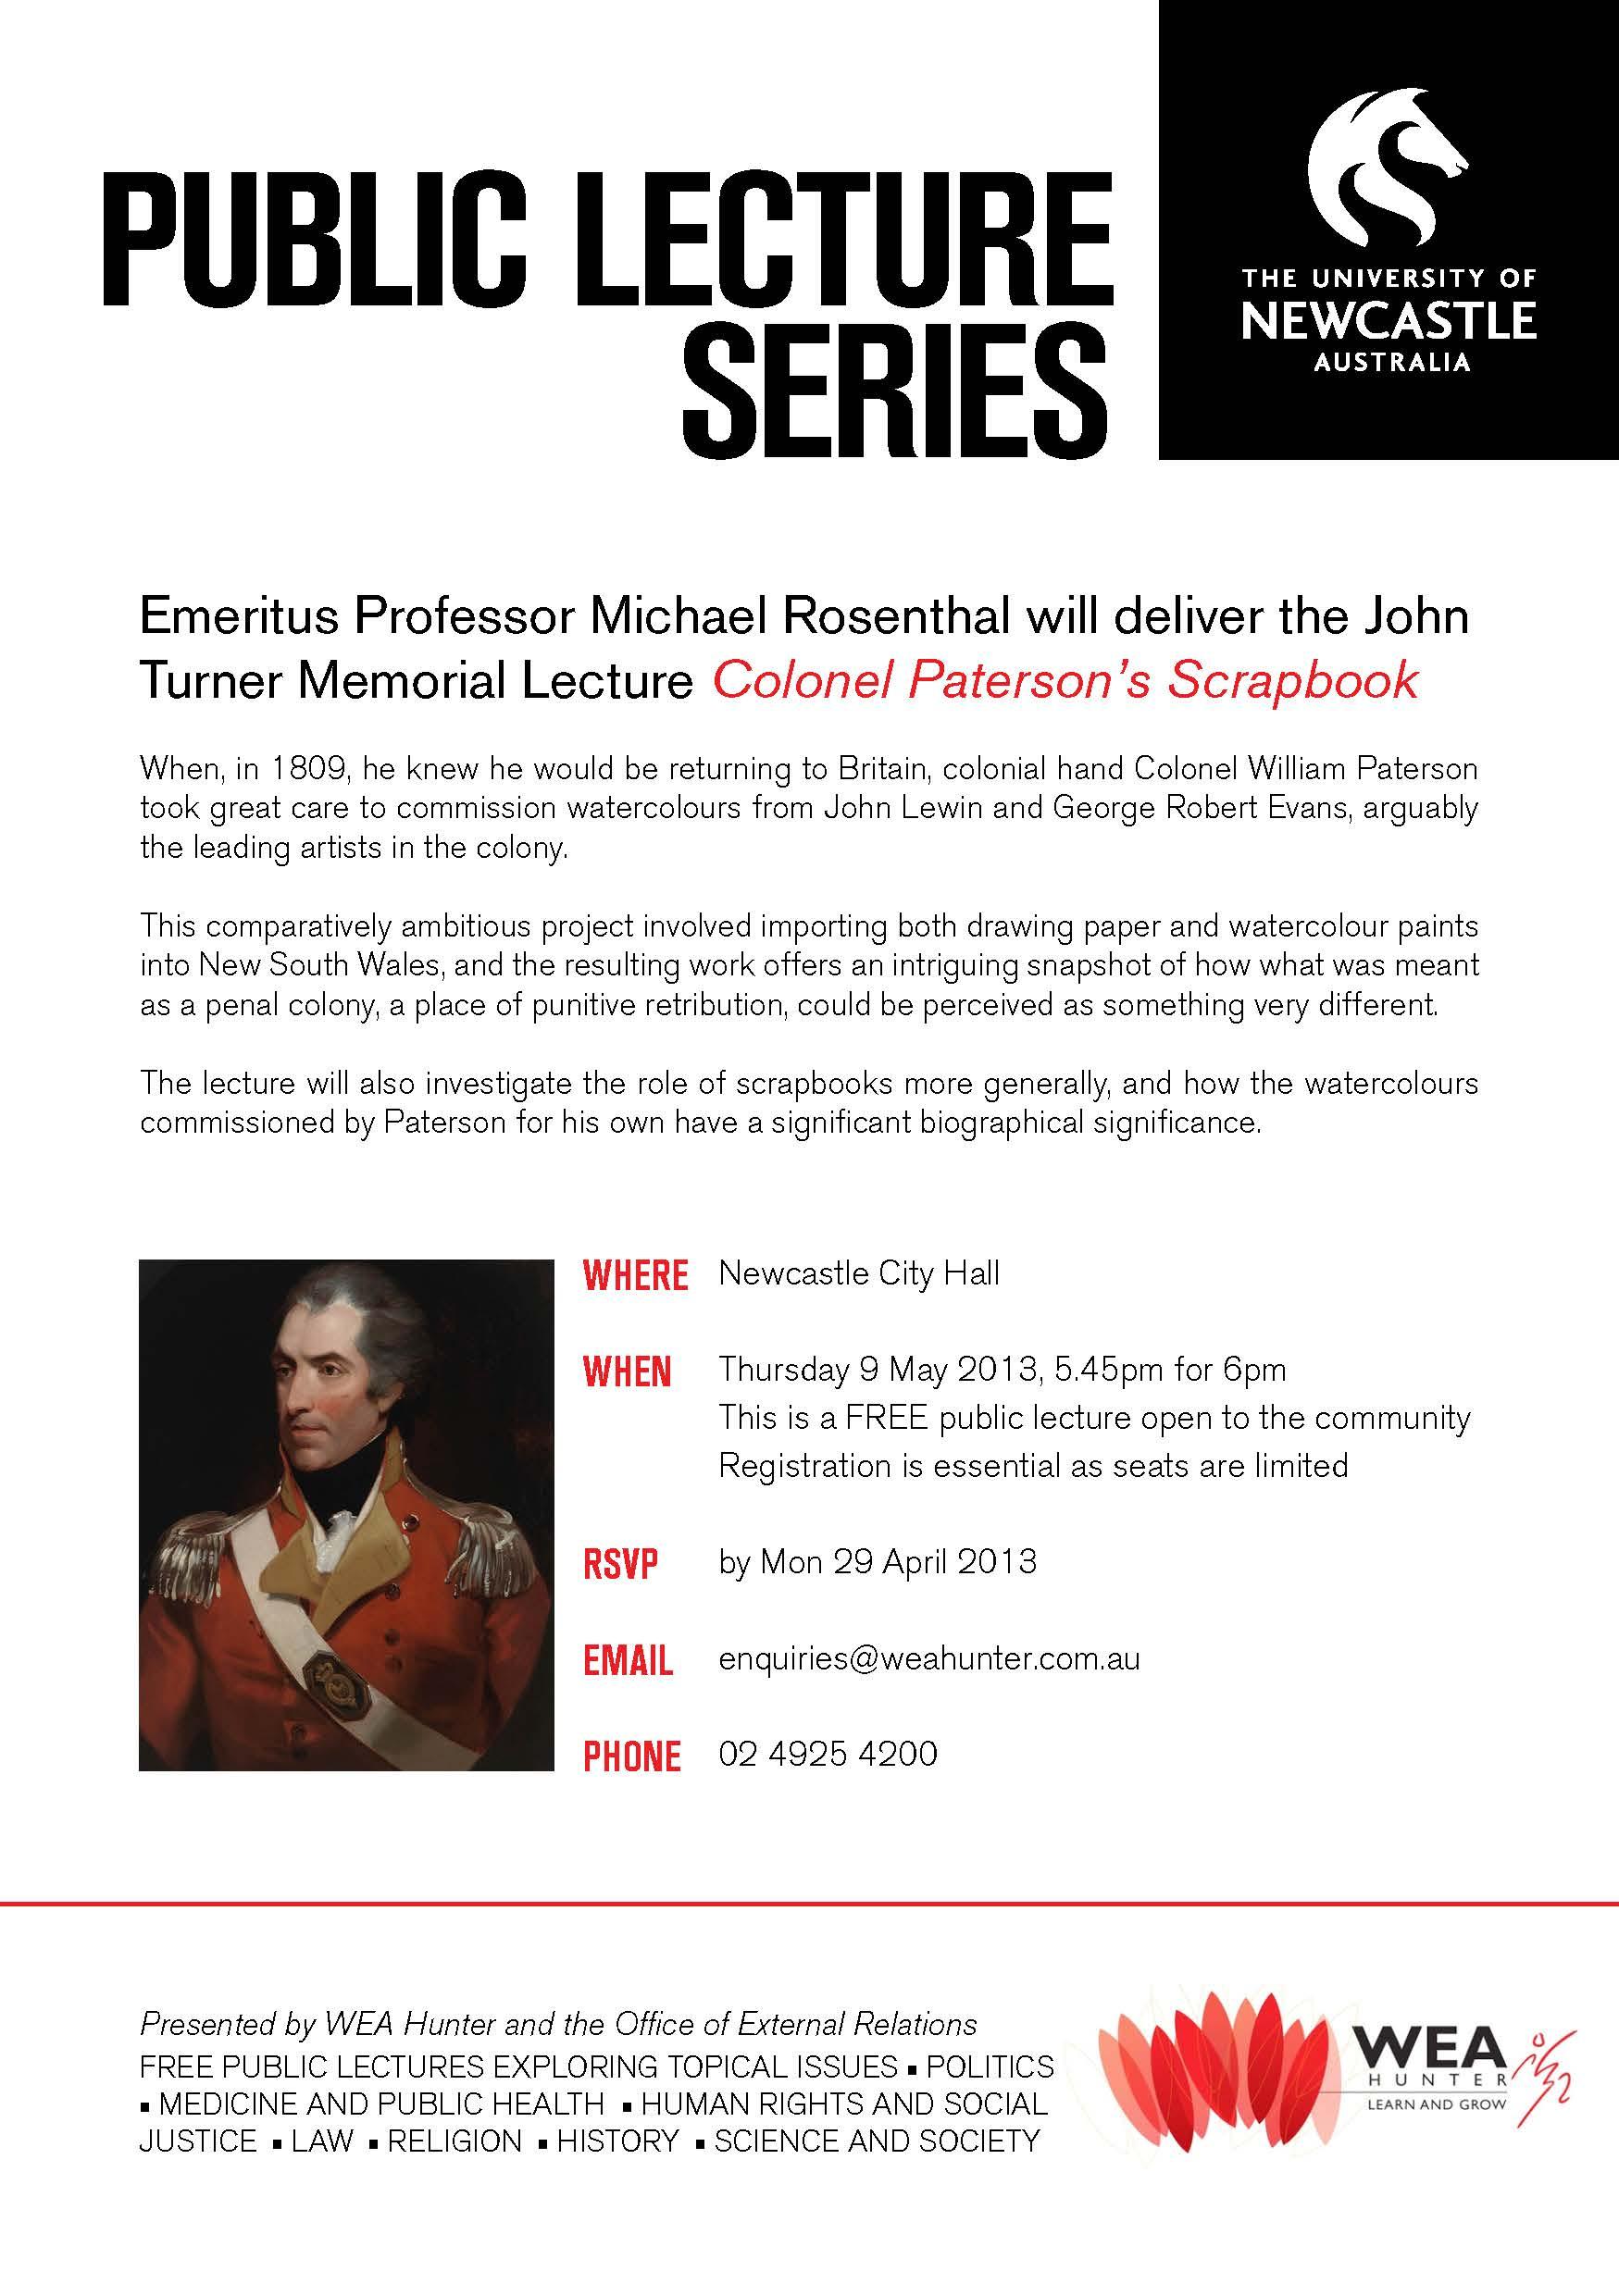 John Turner Memorial Lecture Flyer - 9 May 2013